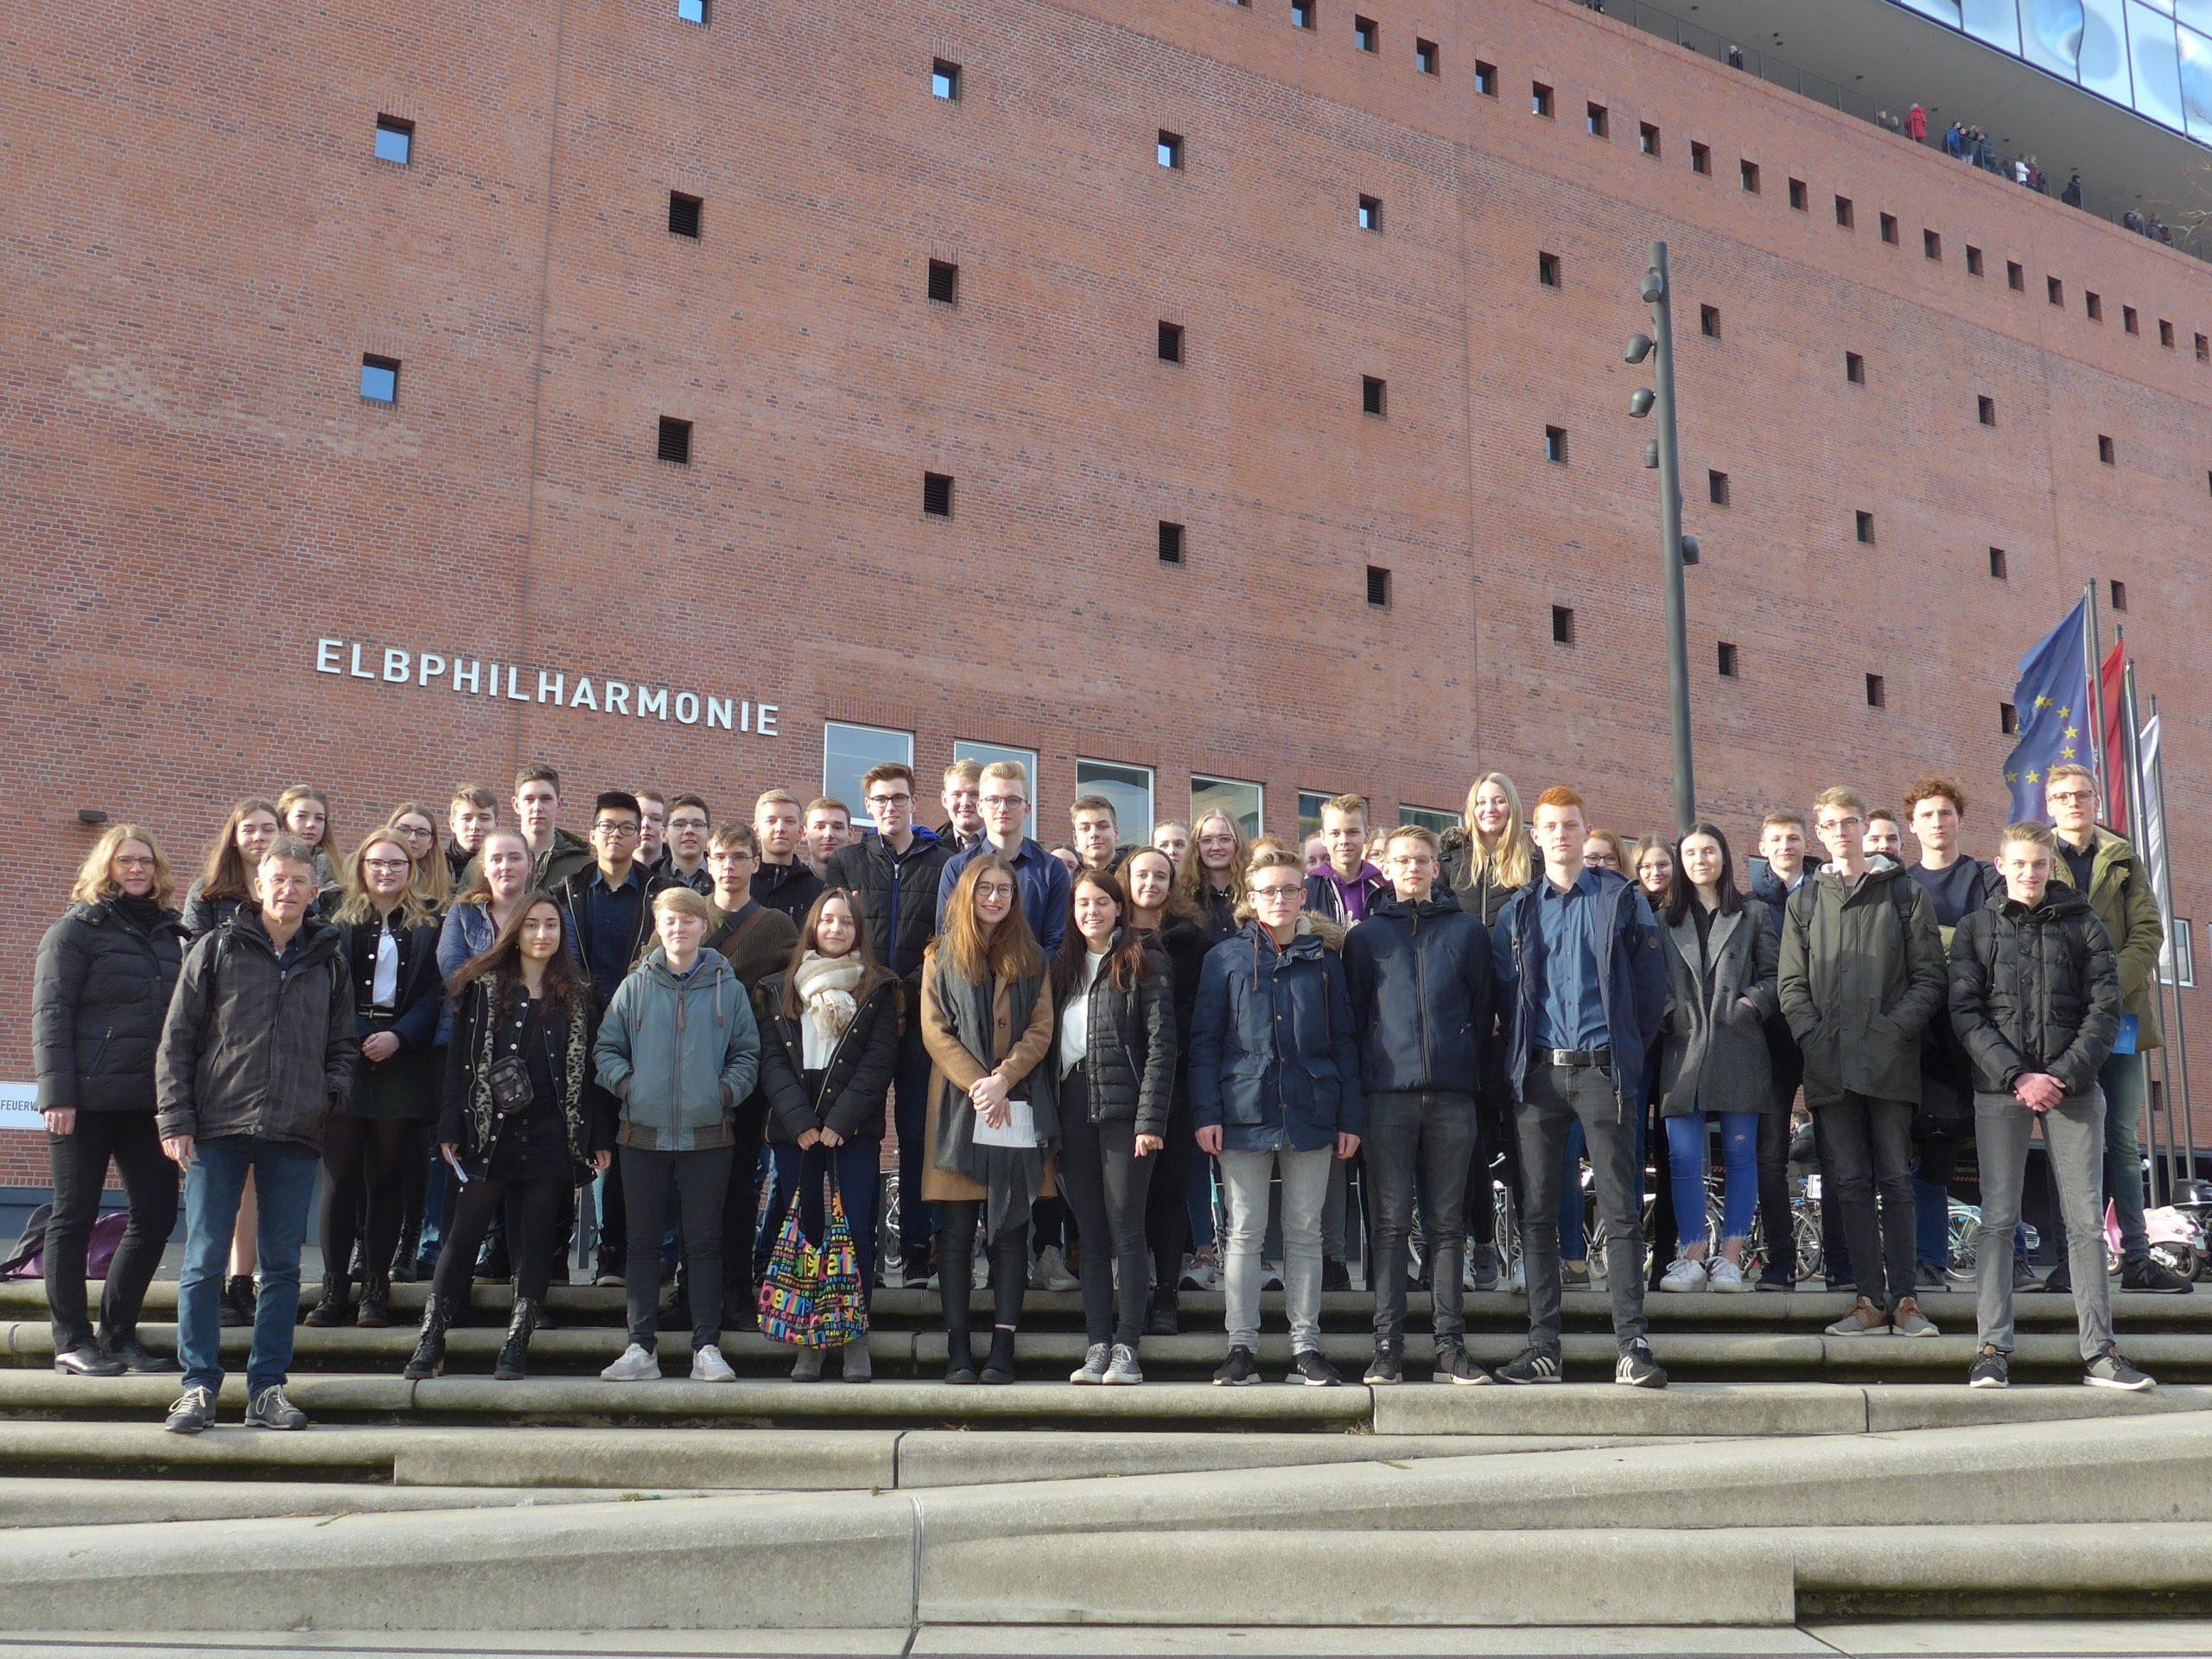 Musikkurse des AMG Friesoythe besuchten die Elbphilharmonie